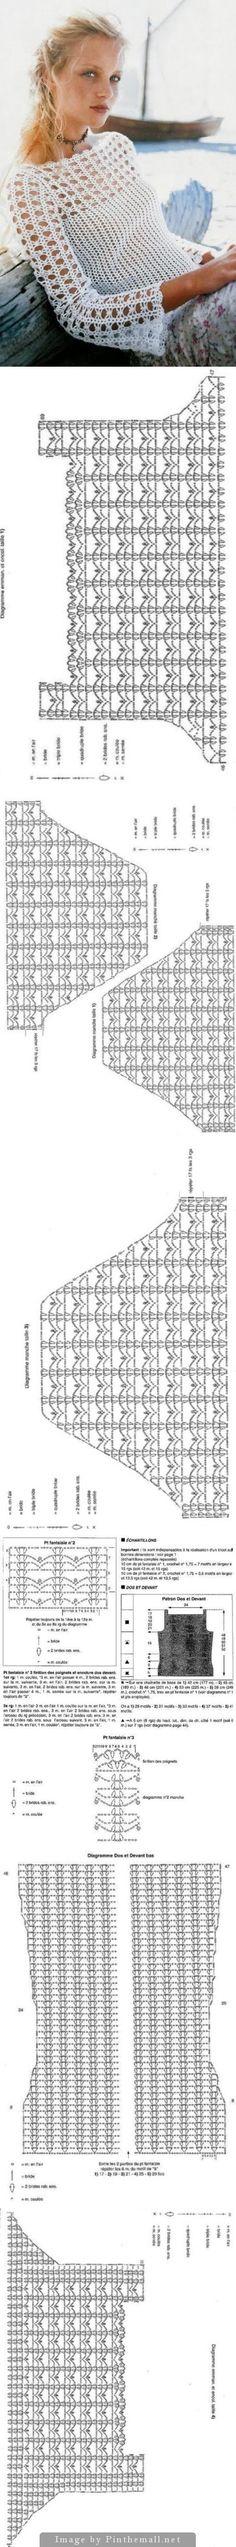 """Tuto Schéma ou diagramme pour crochet Modèle """"Pull"""""""